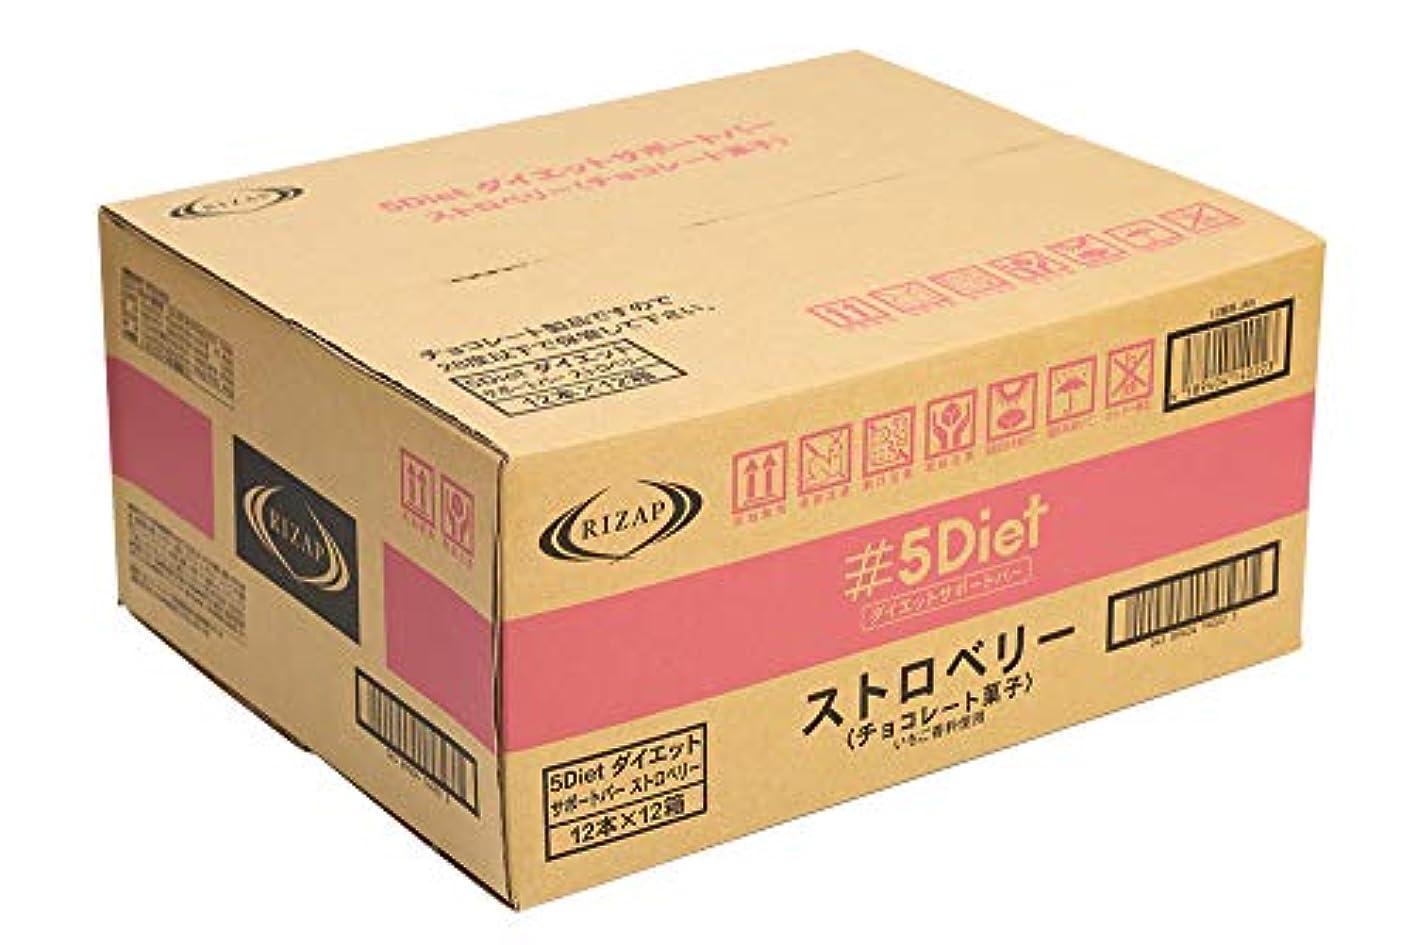 開始安心未満【ケース販売】RIZAP 5Diet サポートバー ストロベリー味 12本入×12箱